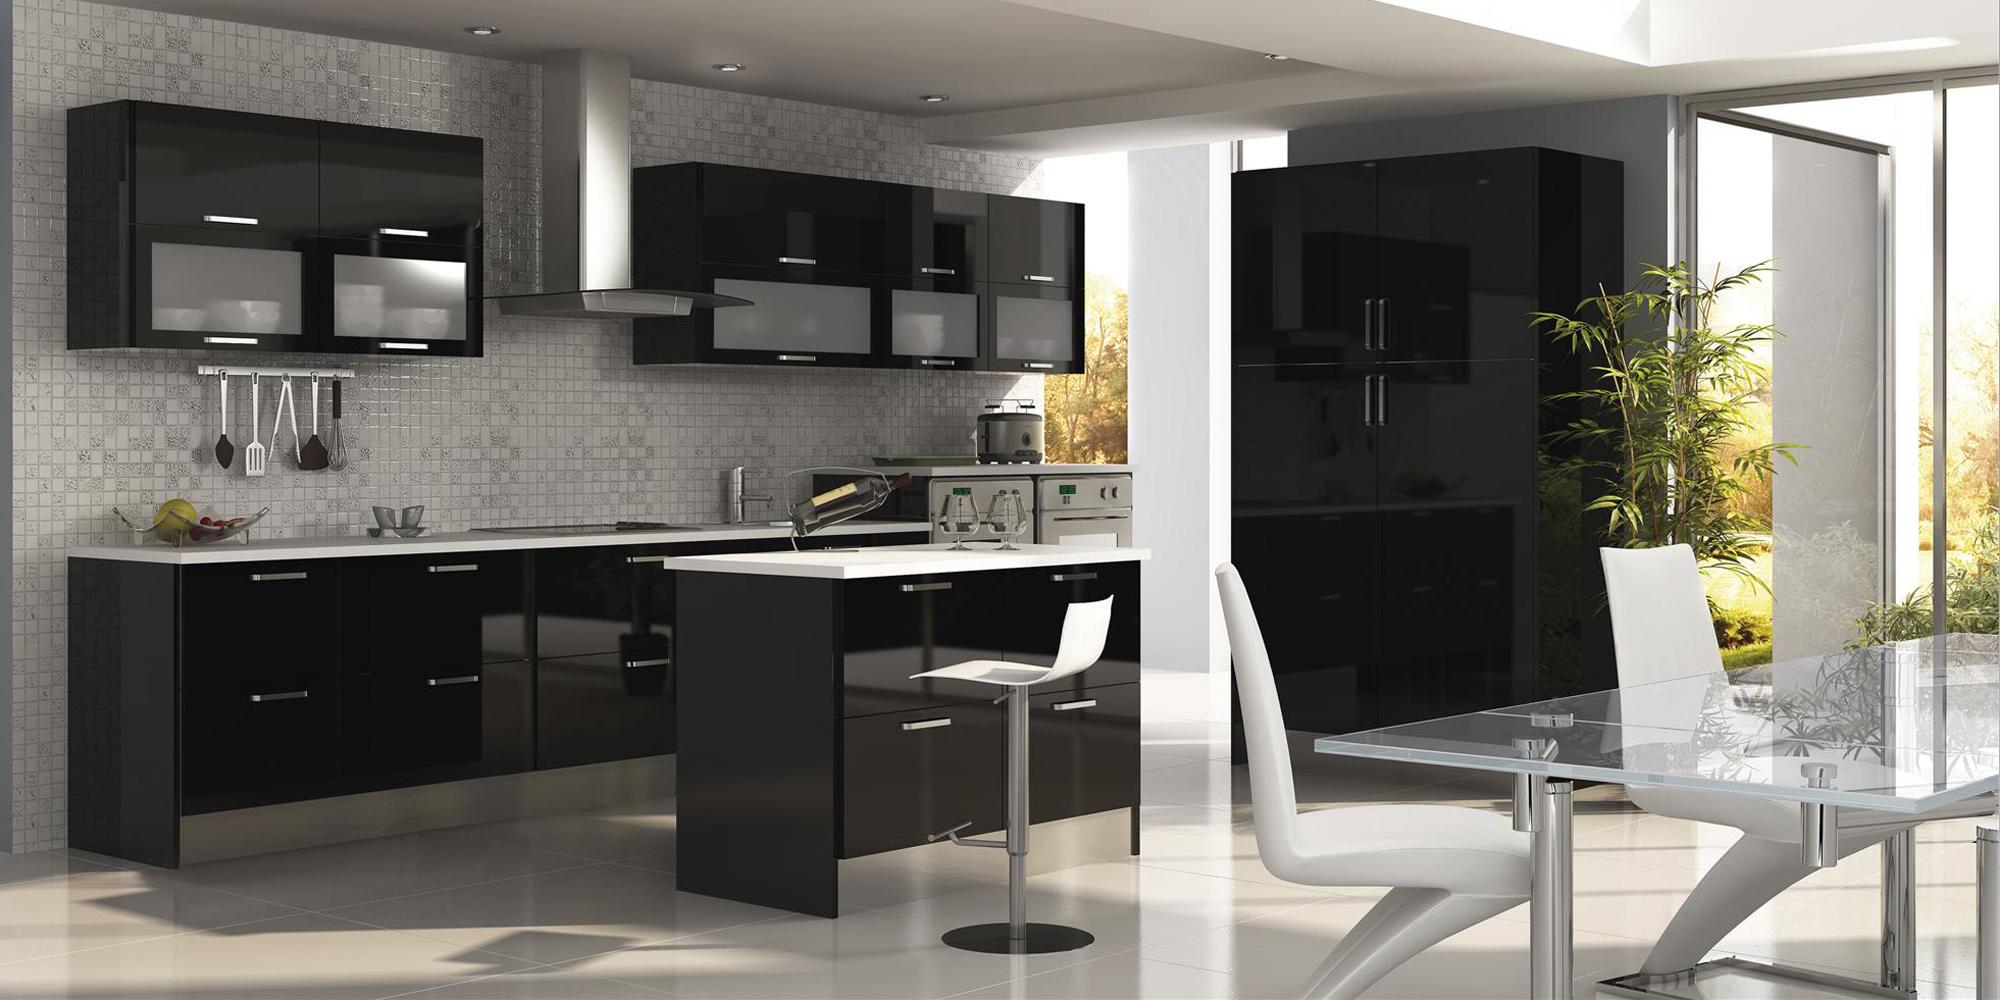 Reformar la cocina tipos de m dulos y muebles de cocina for Muebles de oficina palma de mallorca